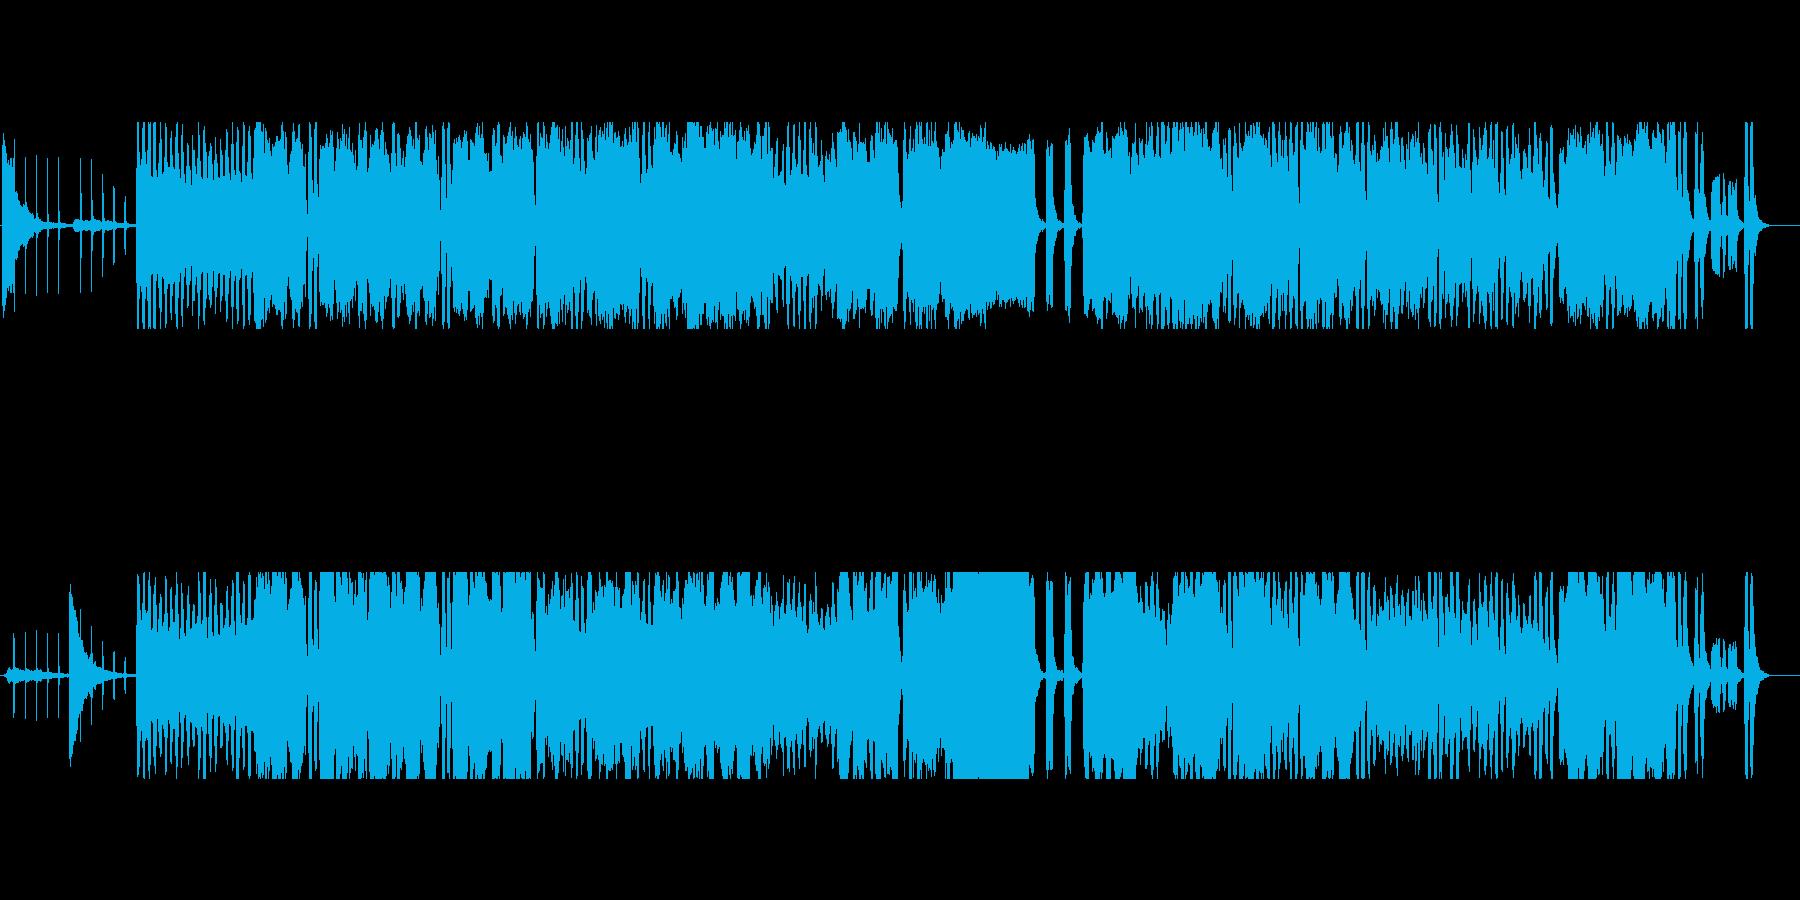 銀幕の午後 ヨーロッパのイメージの弦楽曲の再生済みの波形